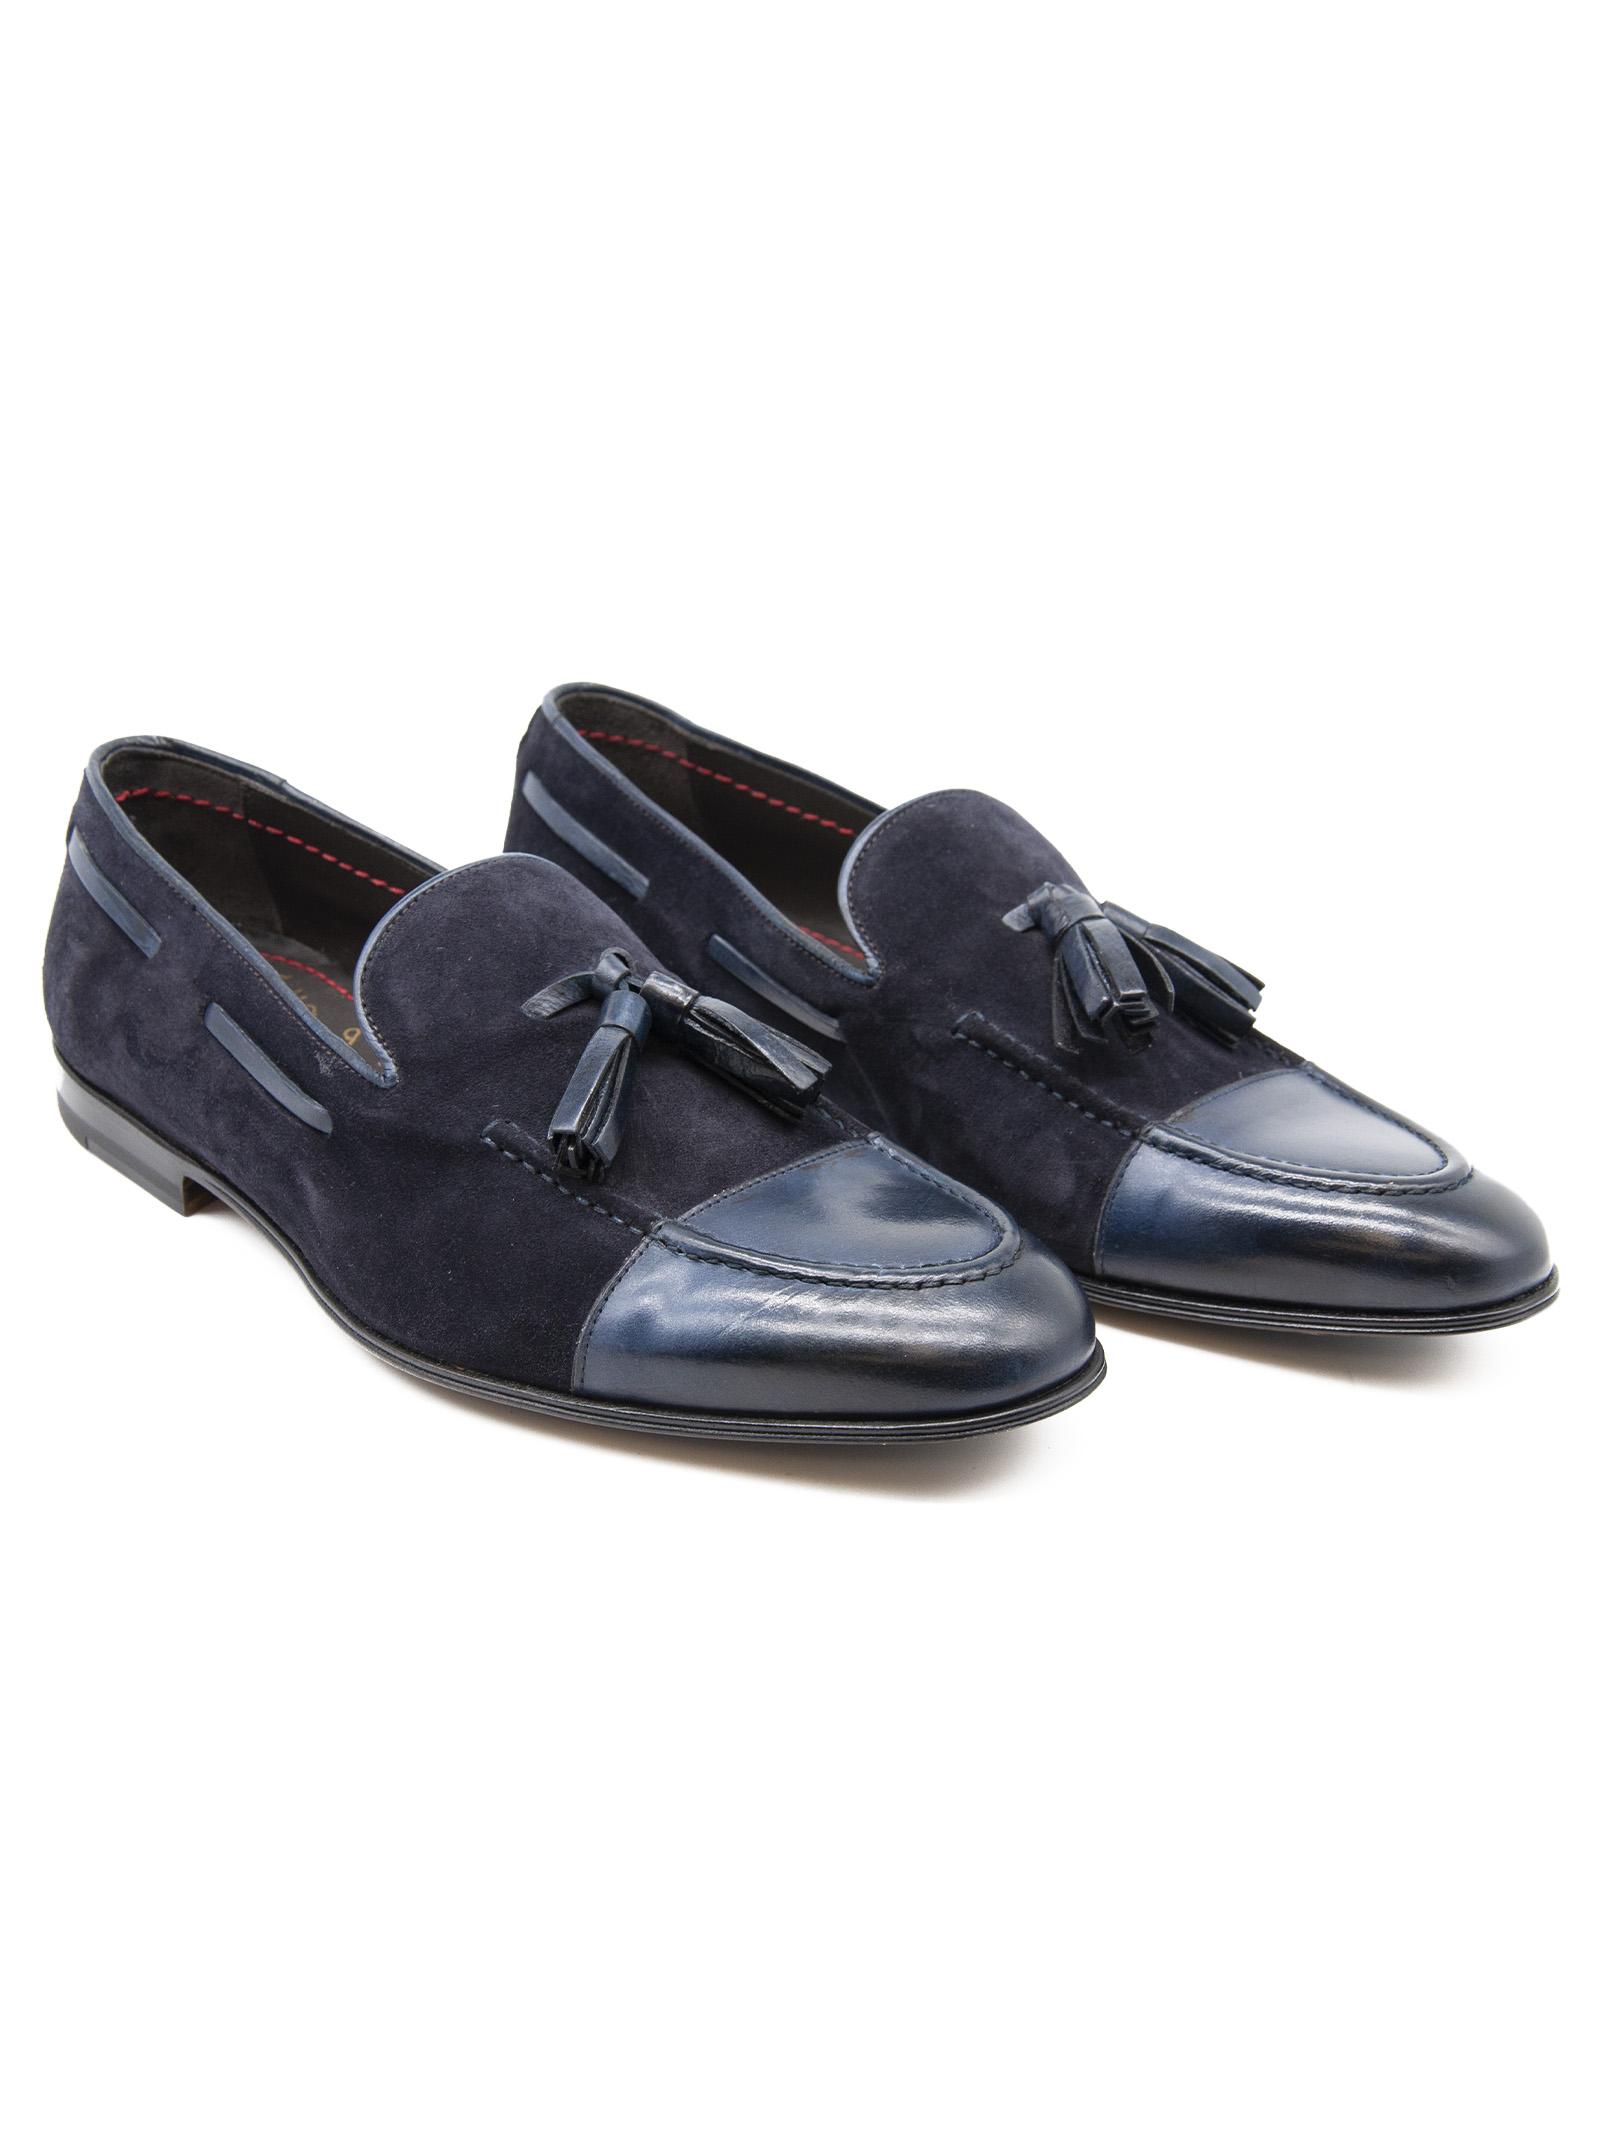 slippers fascian MARINI | 921336138 | 8169RENNA BLU